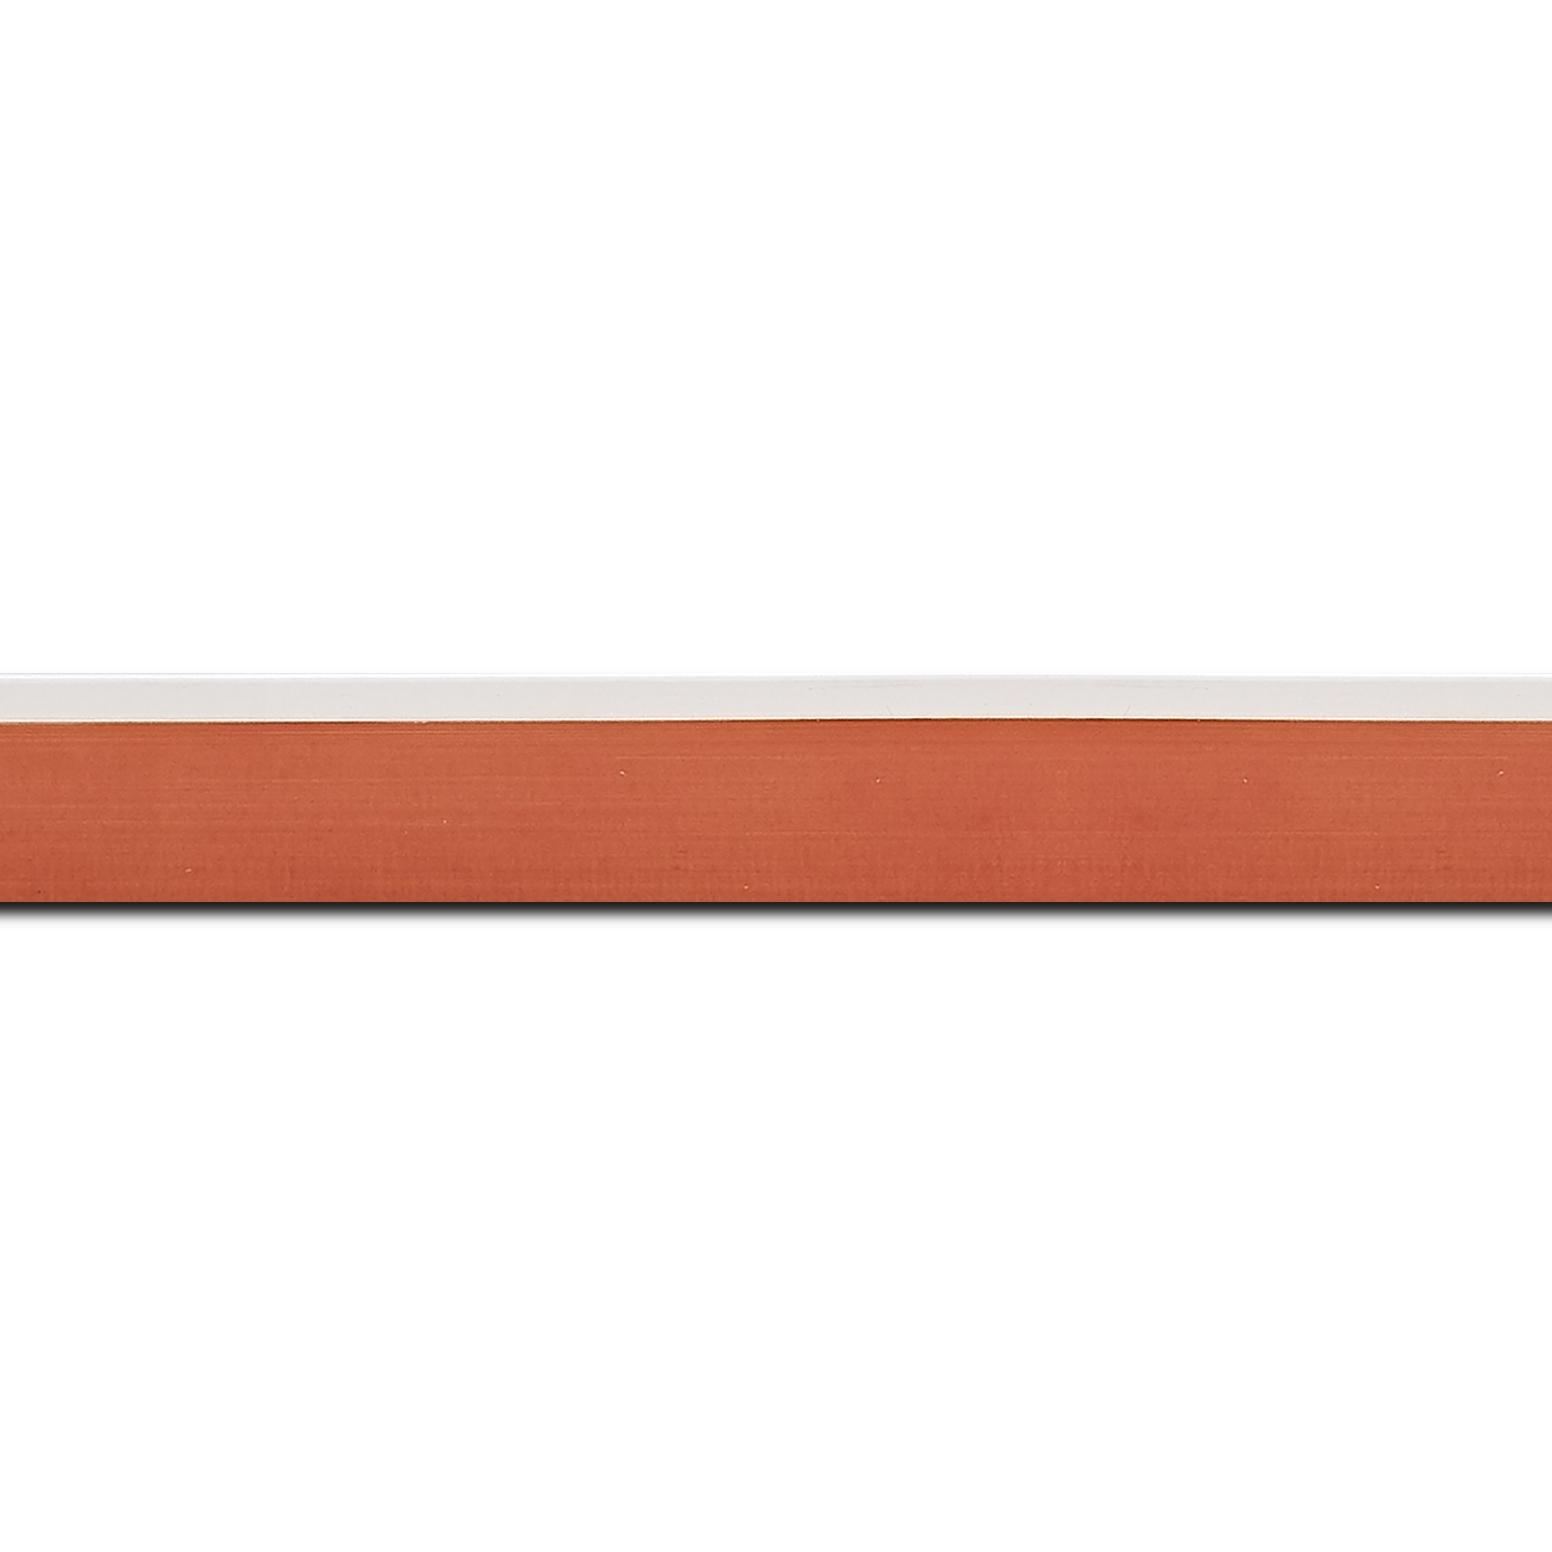 Pack par 12m, bois profil en pente plongeant largeur 2.2cm couleur orange laqué filet extérieur blanc laqué(longueur baguette pouvant varier entre 2.40m et 3m selon arrivage des bois)